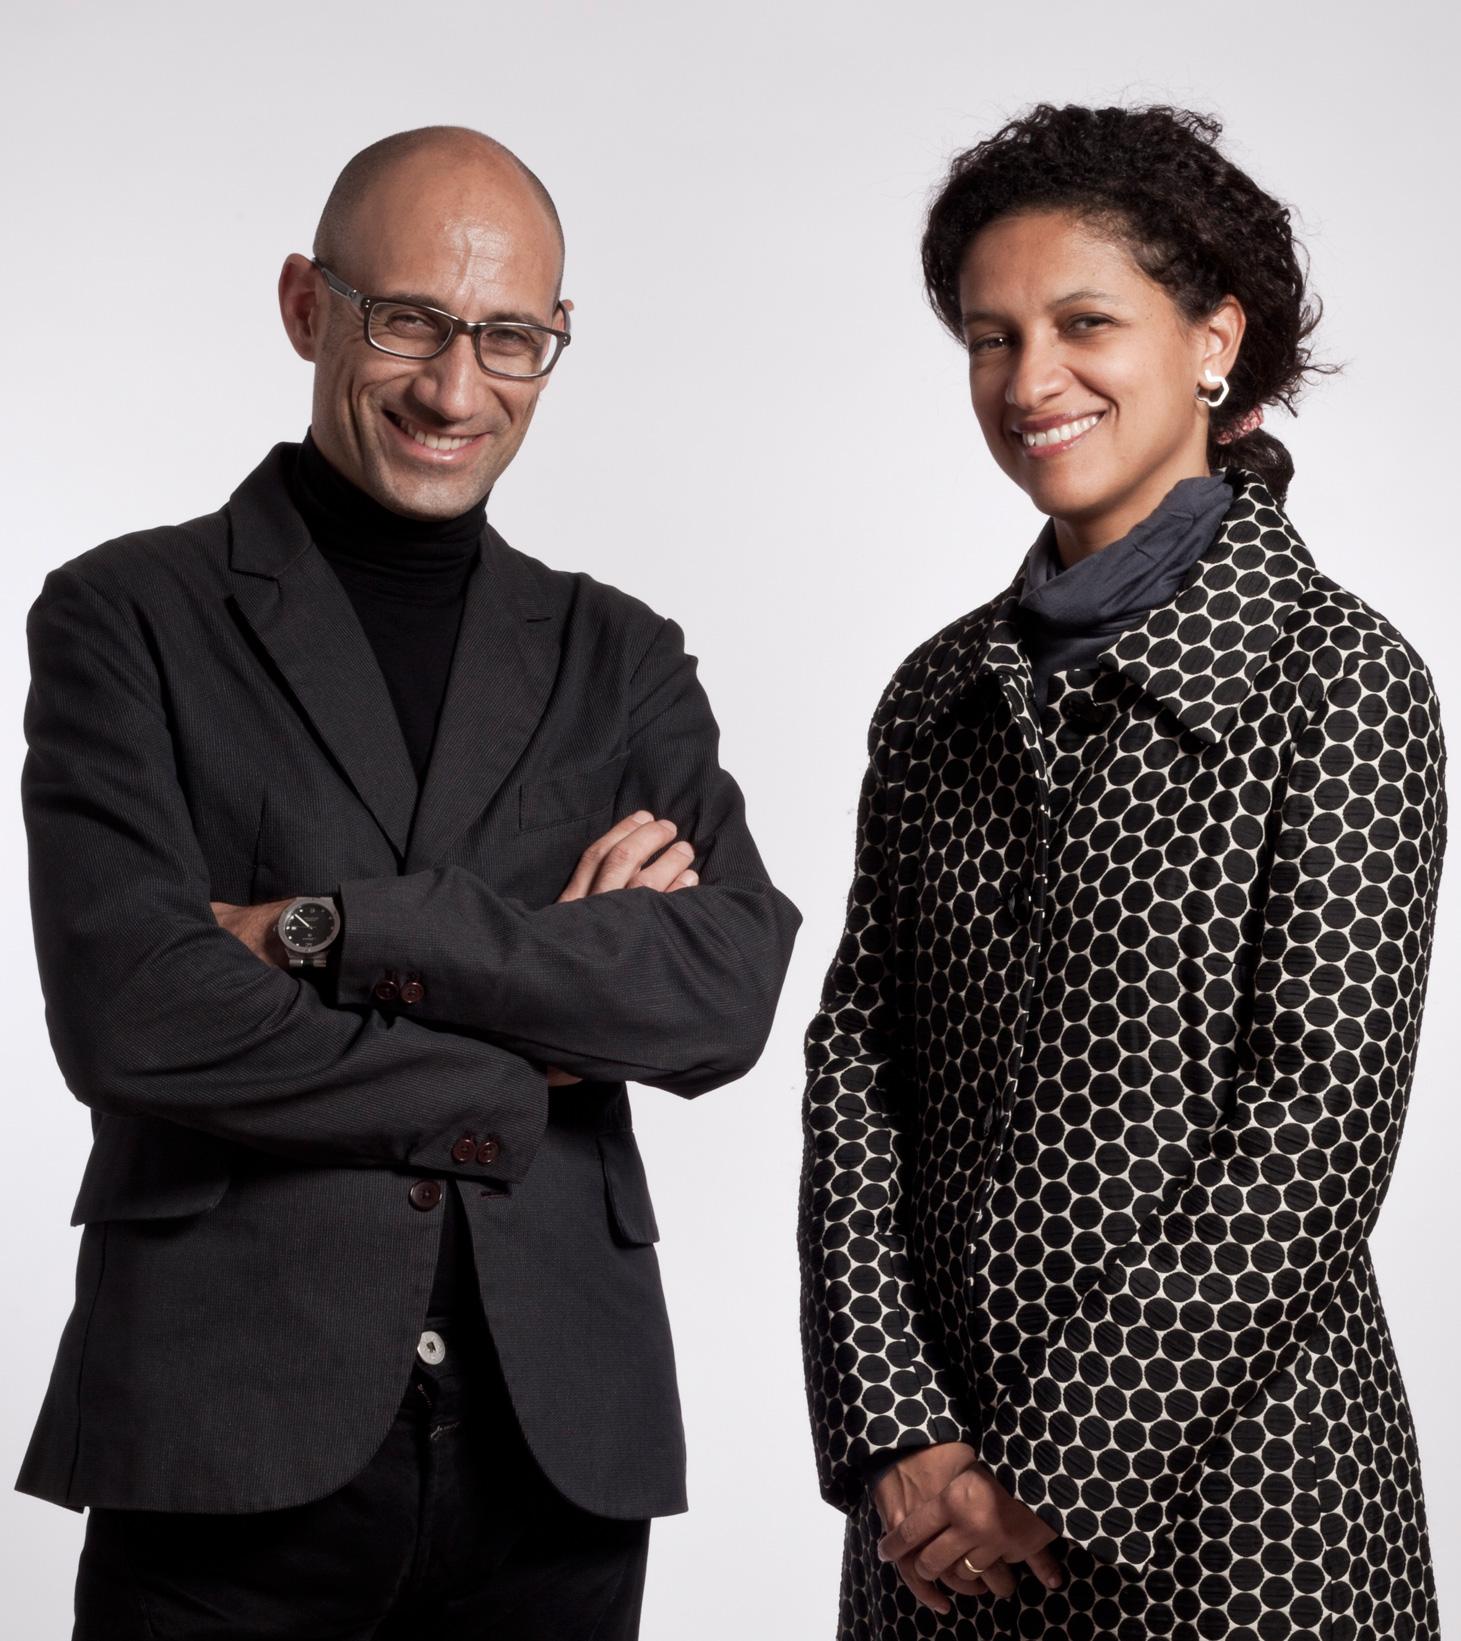 Iñaki Alday and Margarita Jover. Photograph by Borja Ballve